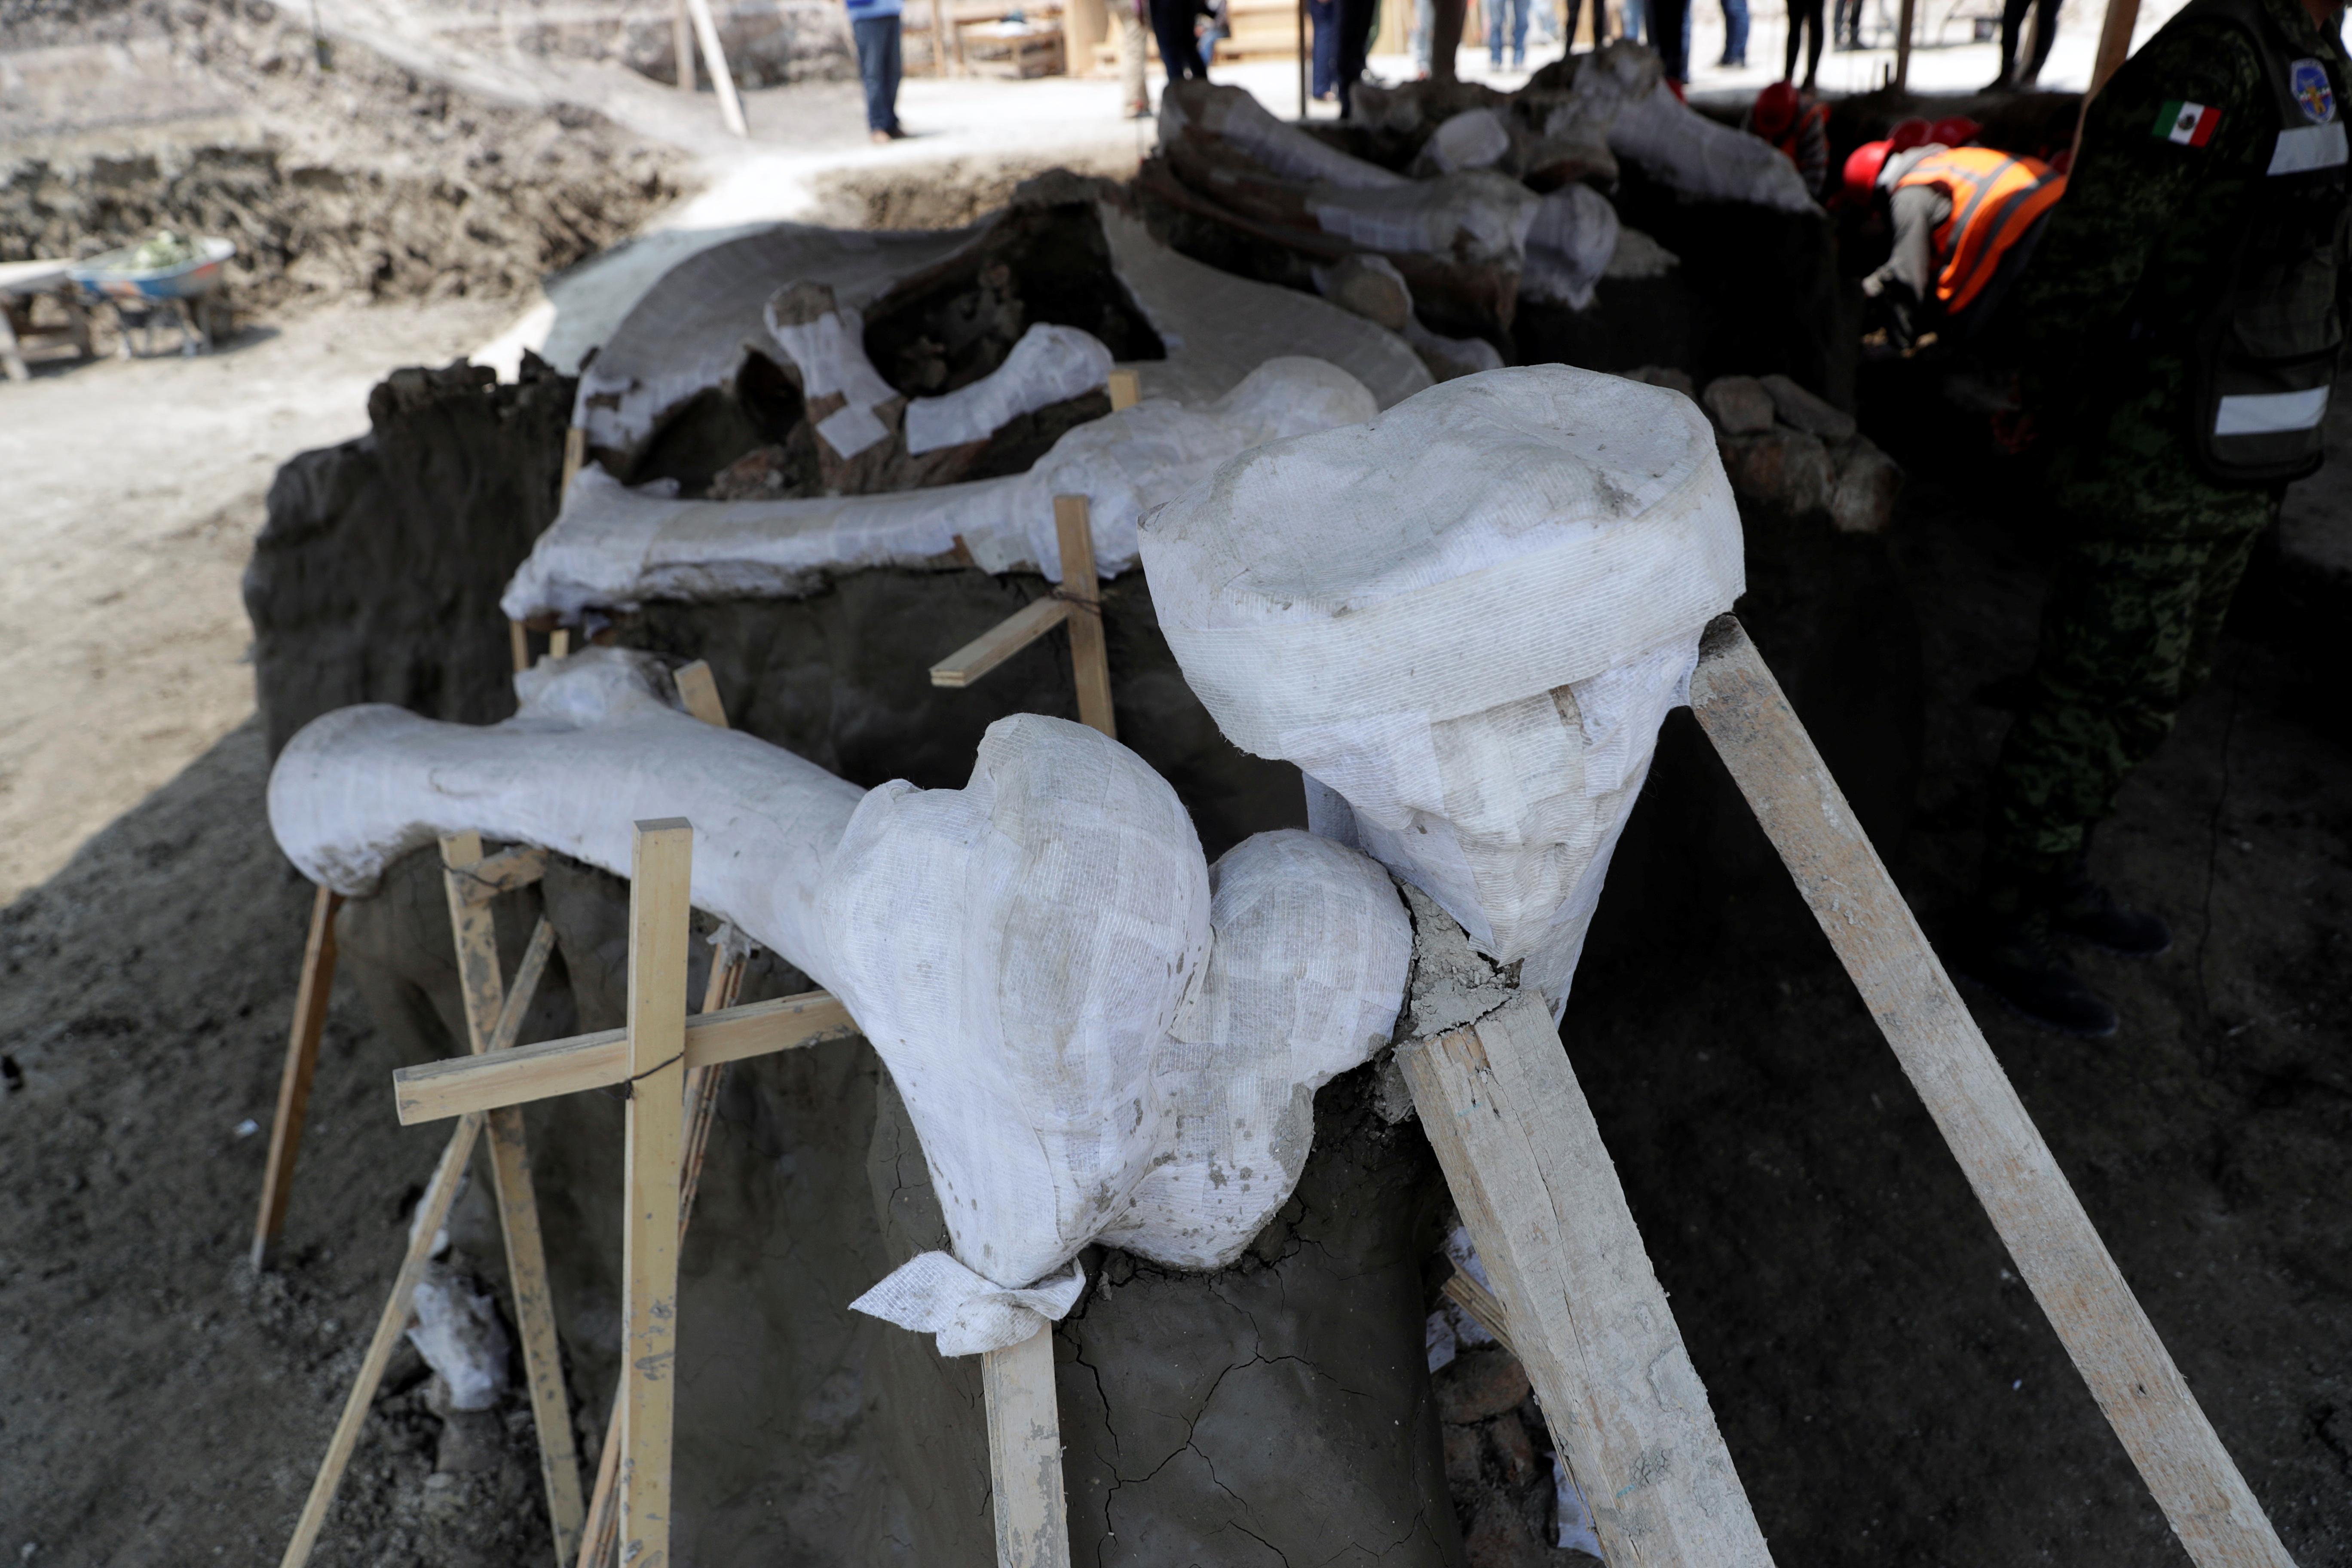 Manzanilla especula que la mayoría de los mamuts murieron de esta manera, aunque hay evidencia de que hace unos 10,000 años los primeros humanos también pudieron haber cazado a las bestias de 20 toneladas con flechas y lanzas de pedernal, o cavado pozos rudimentarios en aguas poco profundas para atraparlos.